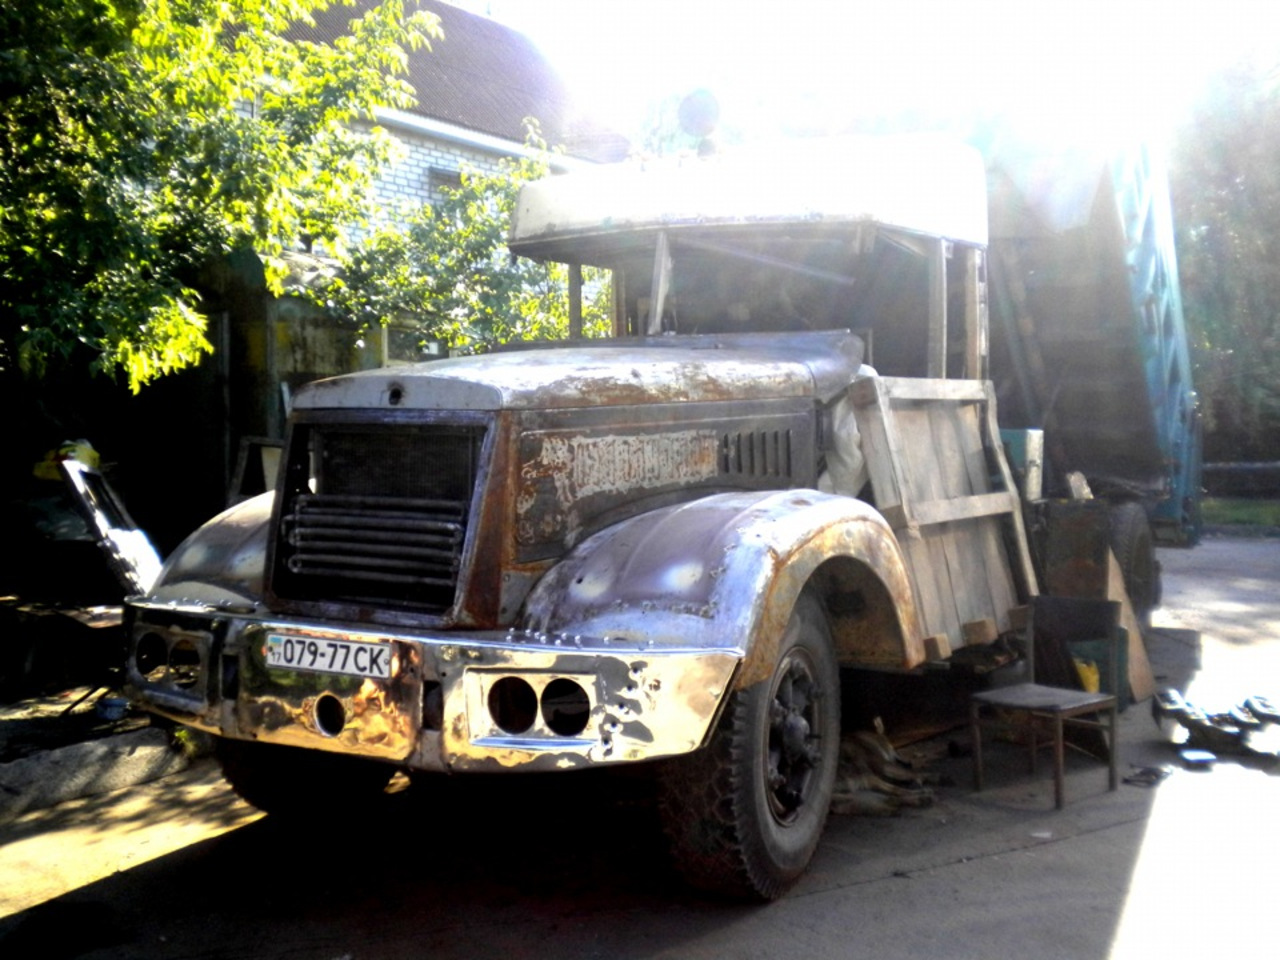 КРАЗ 256 Дмитрия – рабочая машина, которая каждый день трудится на строительстве дорог. Нашему герою